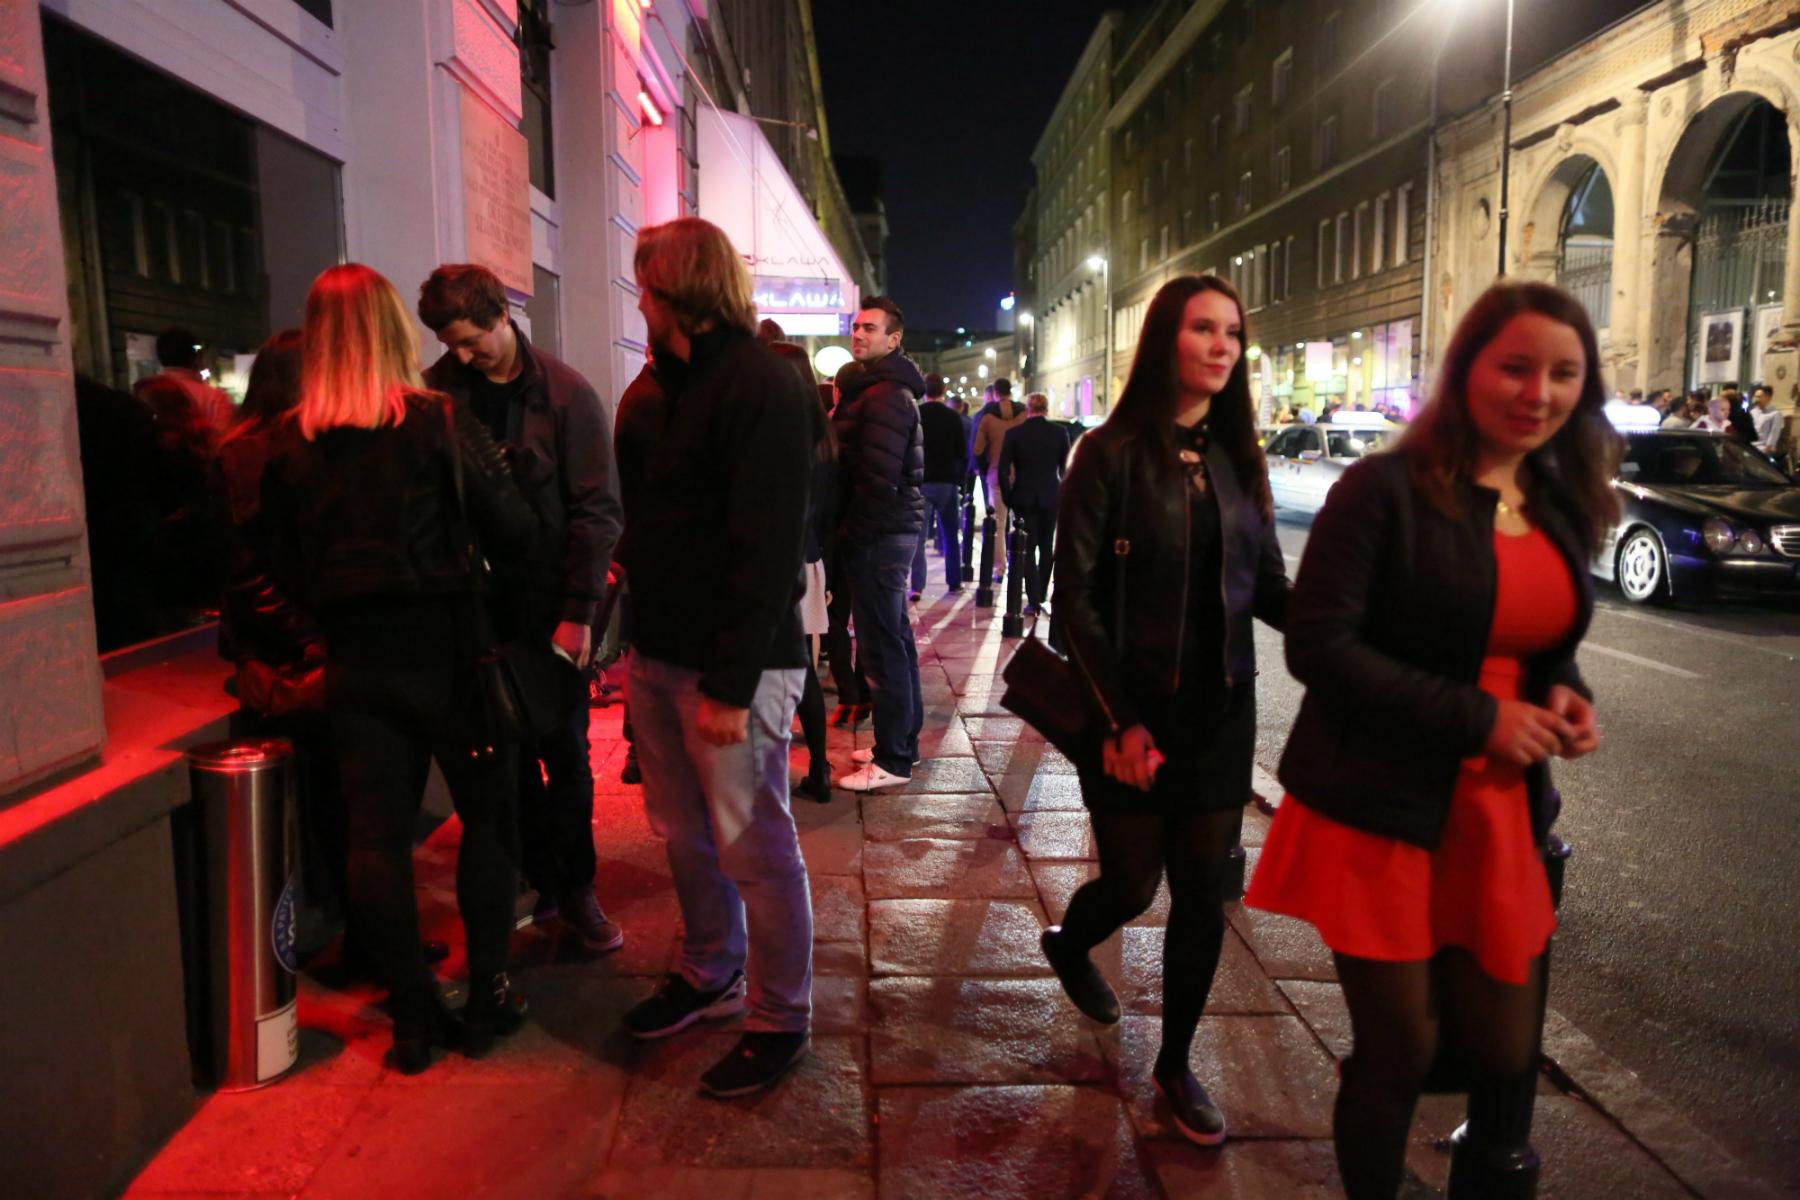 Klubowiczki przy ulicy Mazowieckiej w Warszawie (fot: Agata Grzybowska/ Agencja Gazeta)